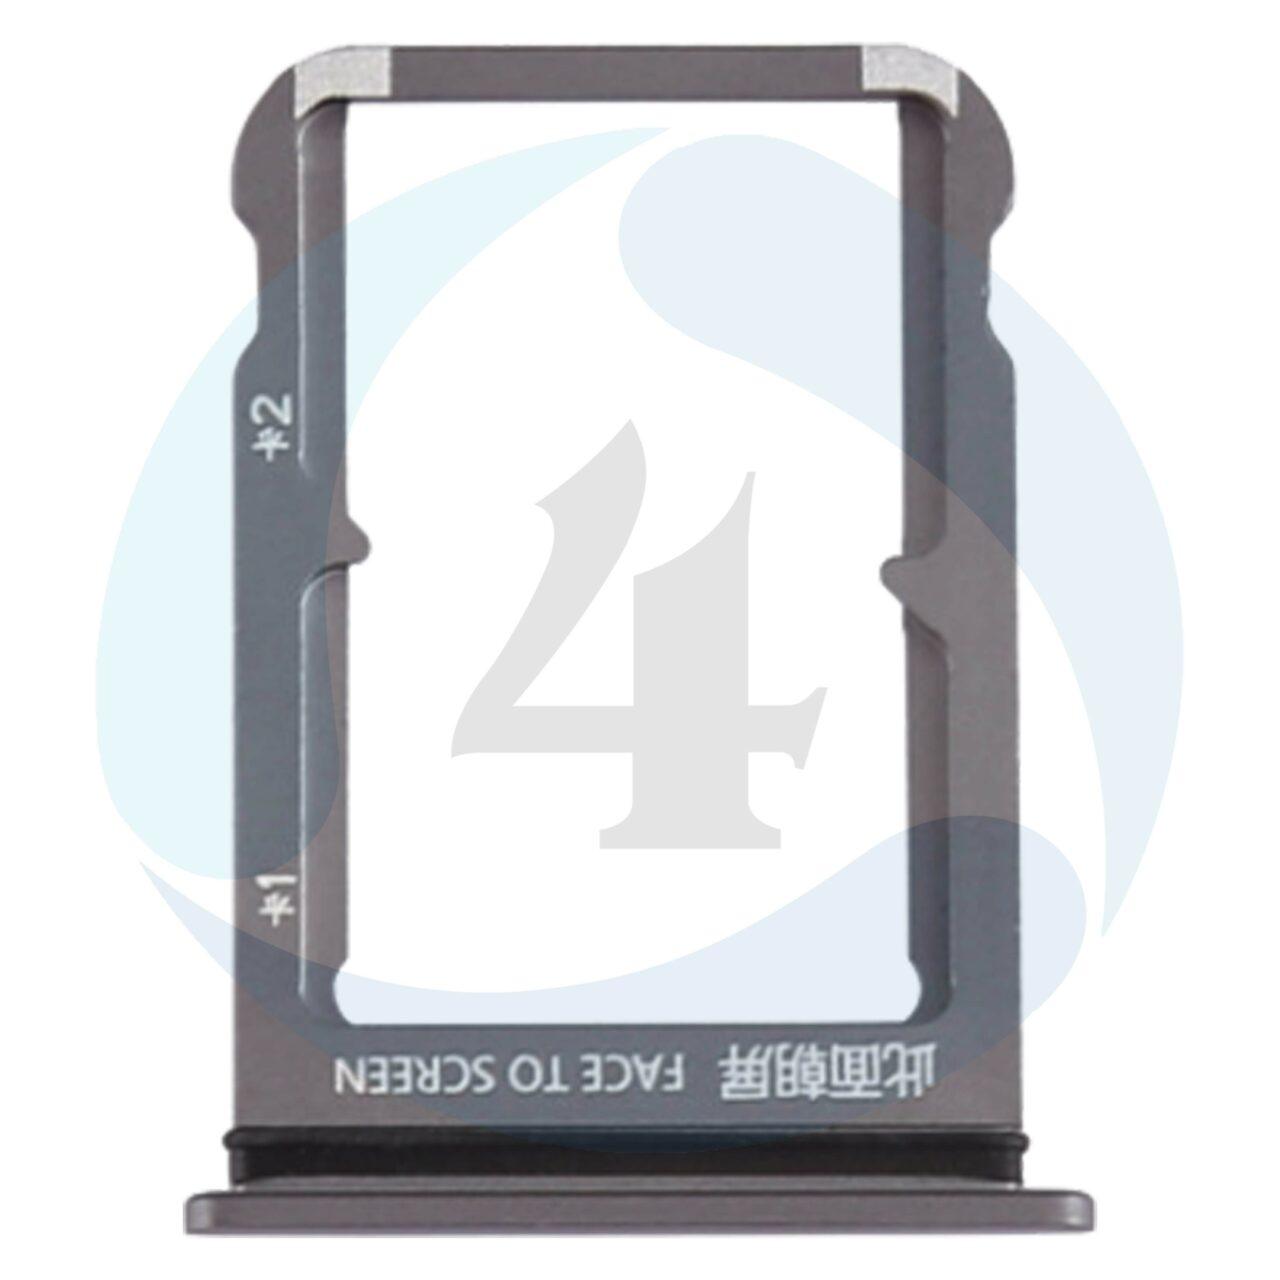 Blackberry Q20 Classic Volume flex